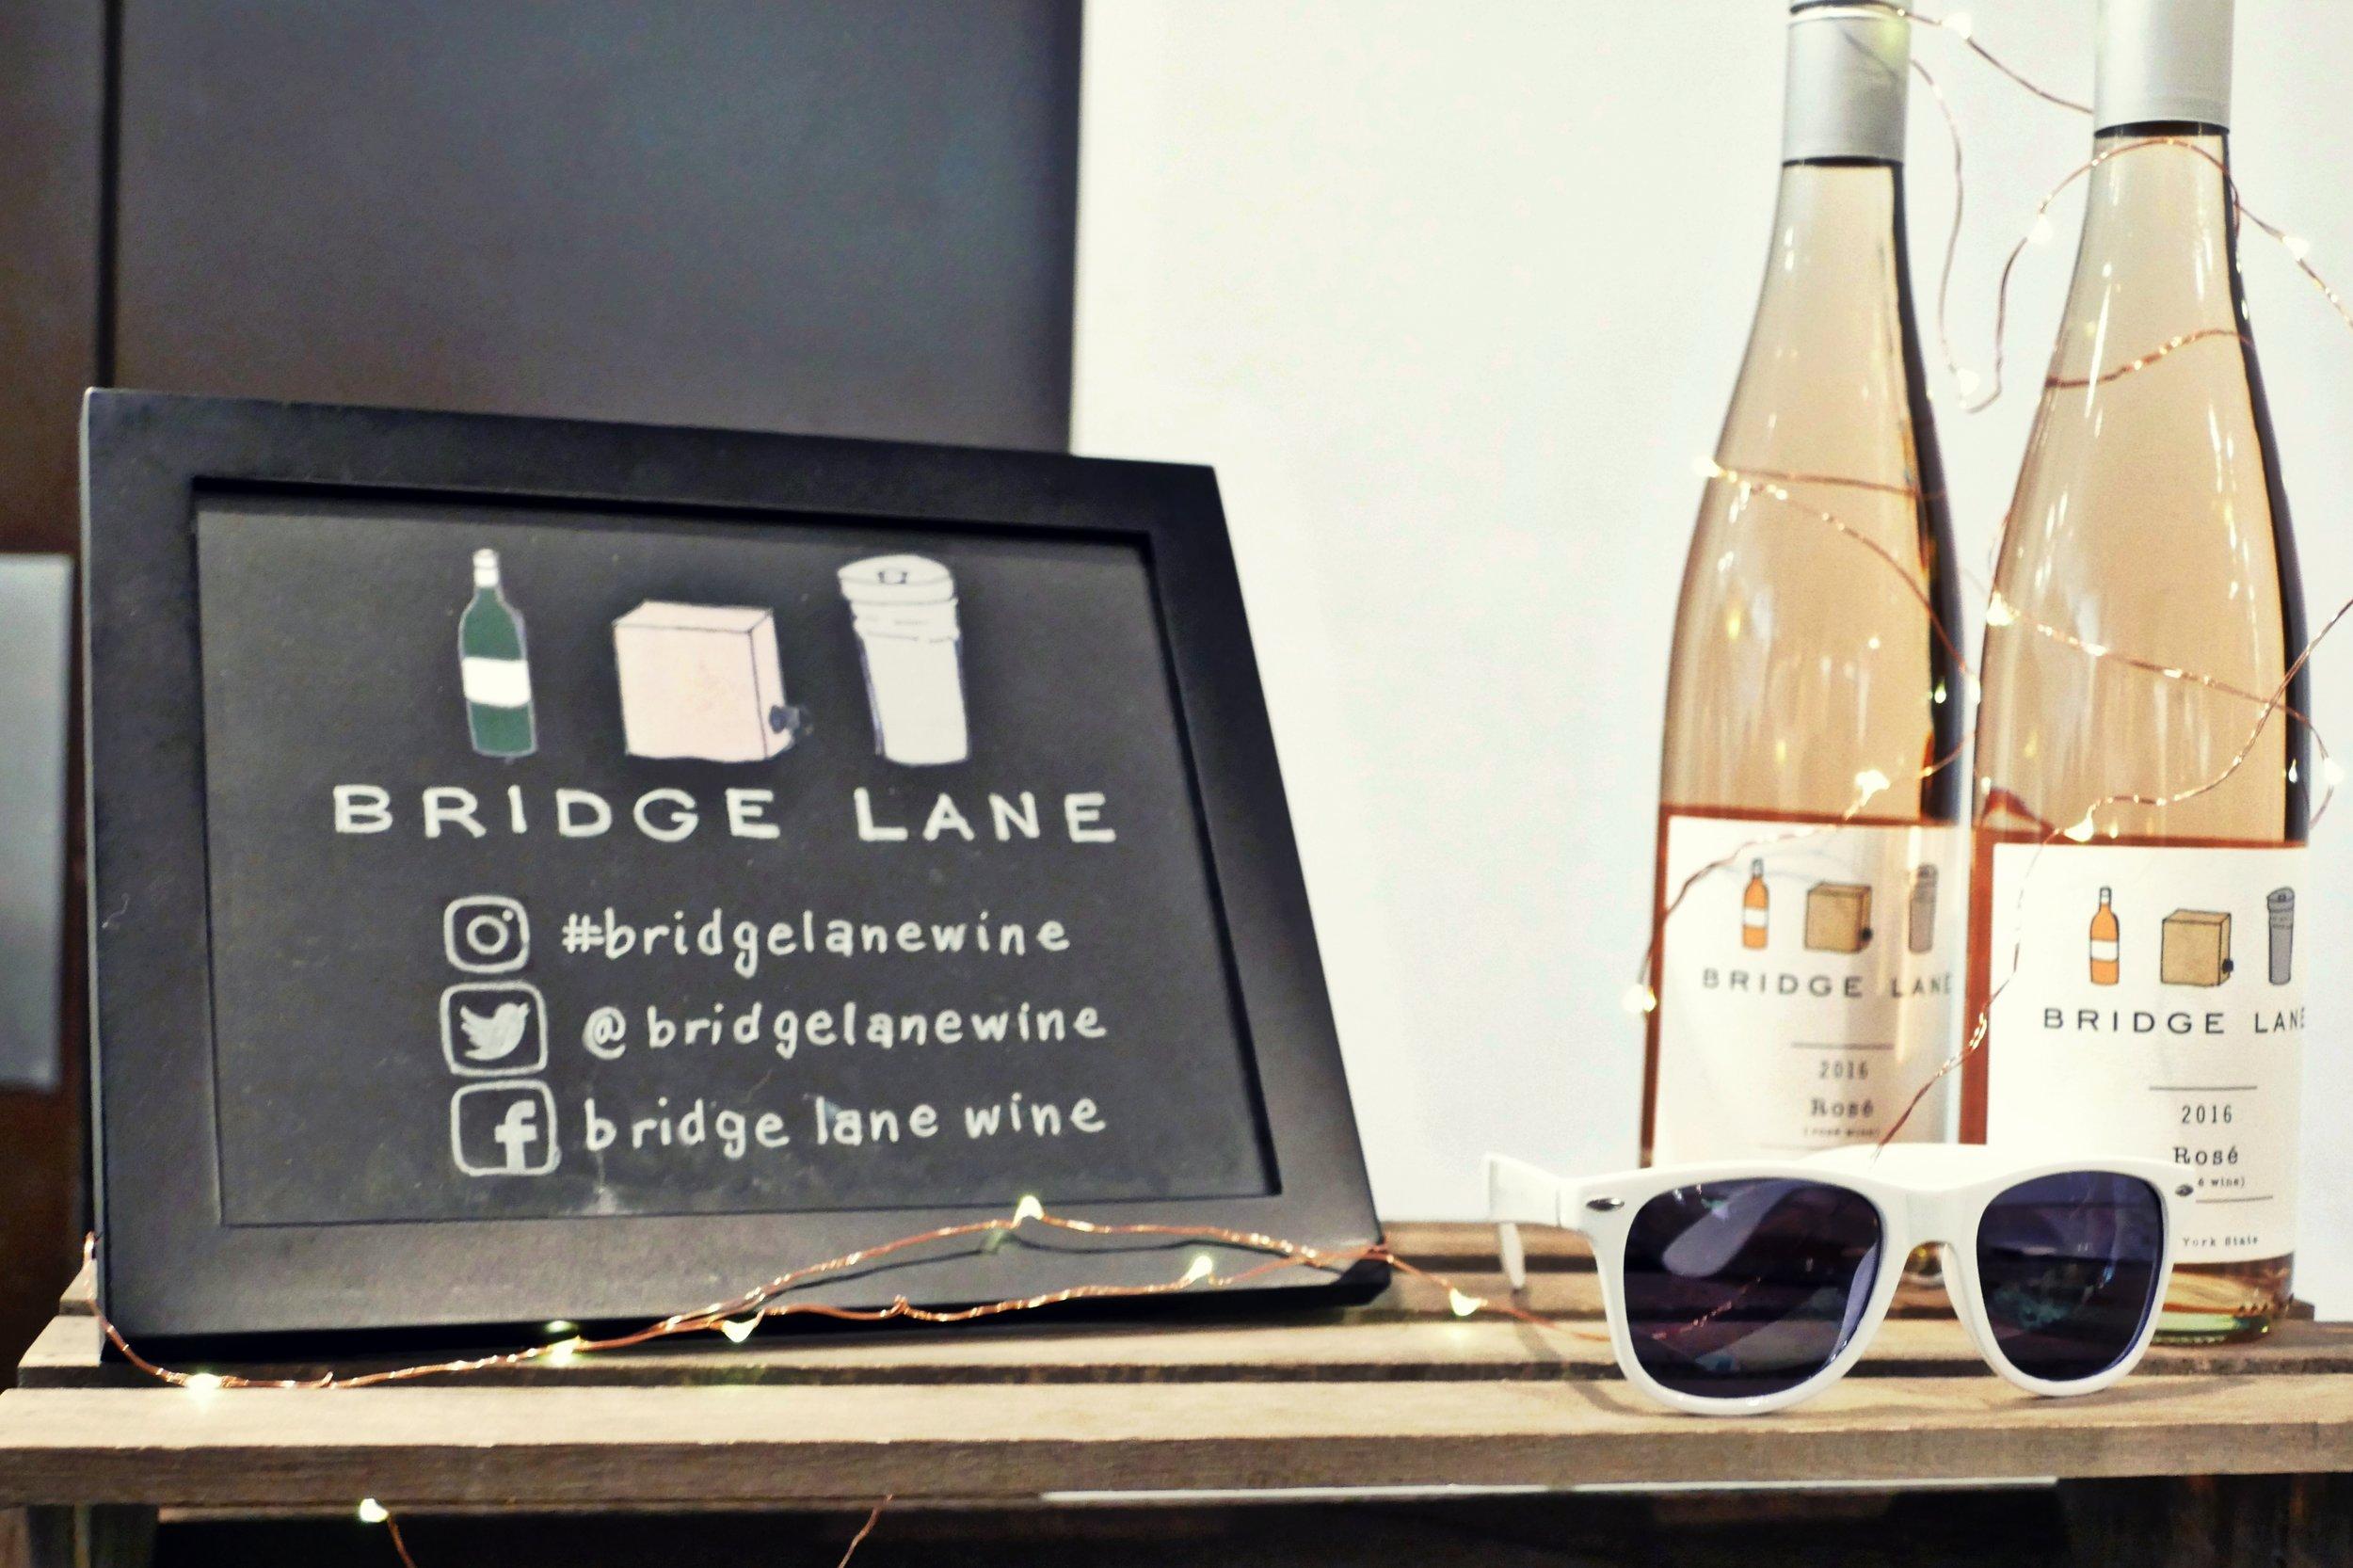 Bridge Lane wine's Cabernet Franc rosé